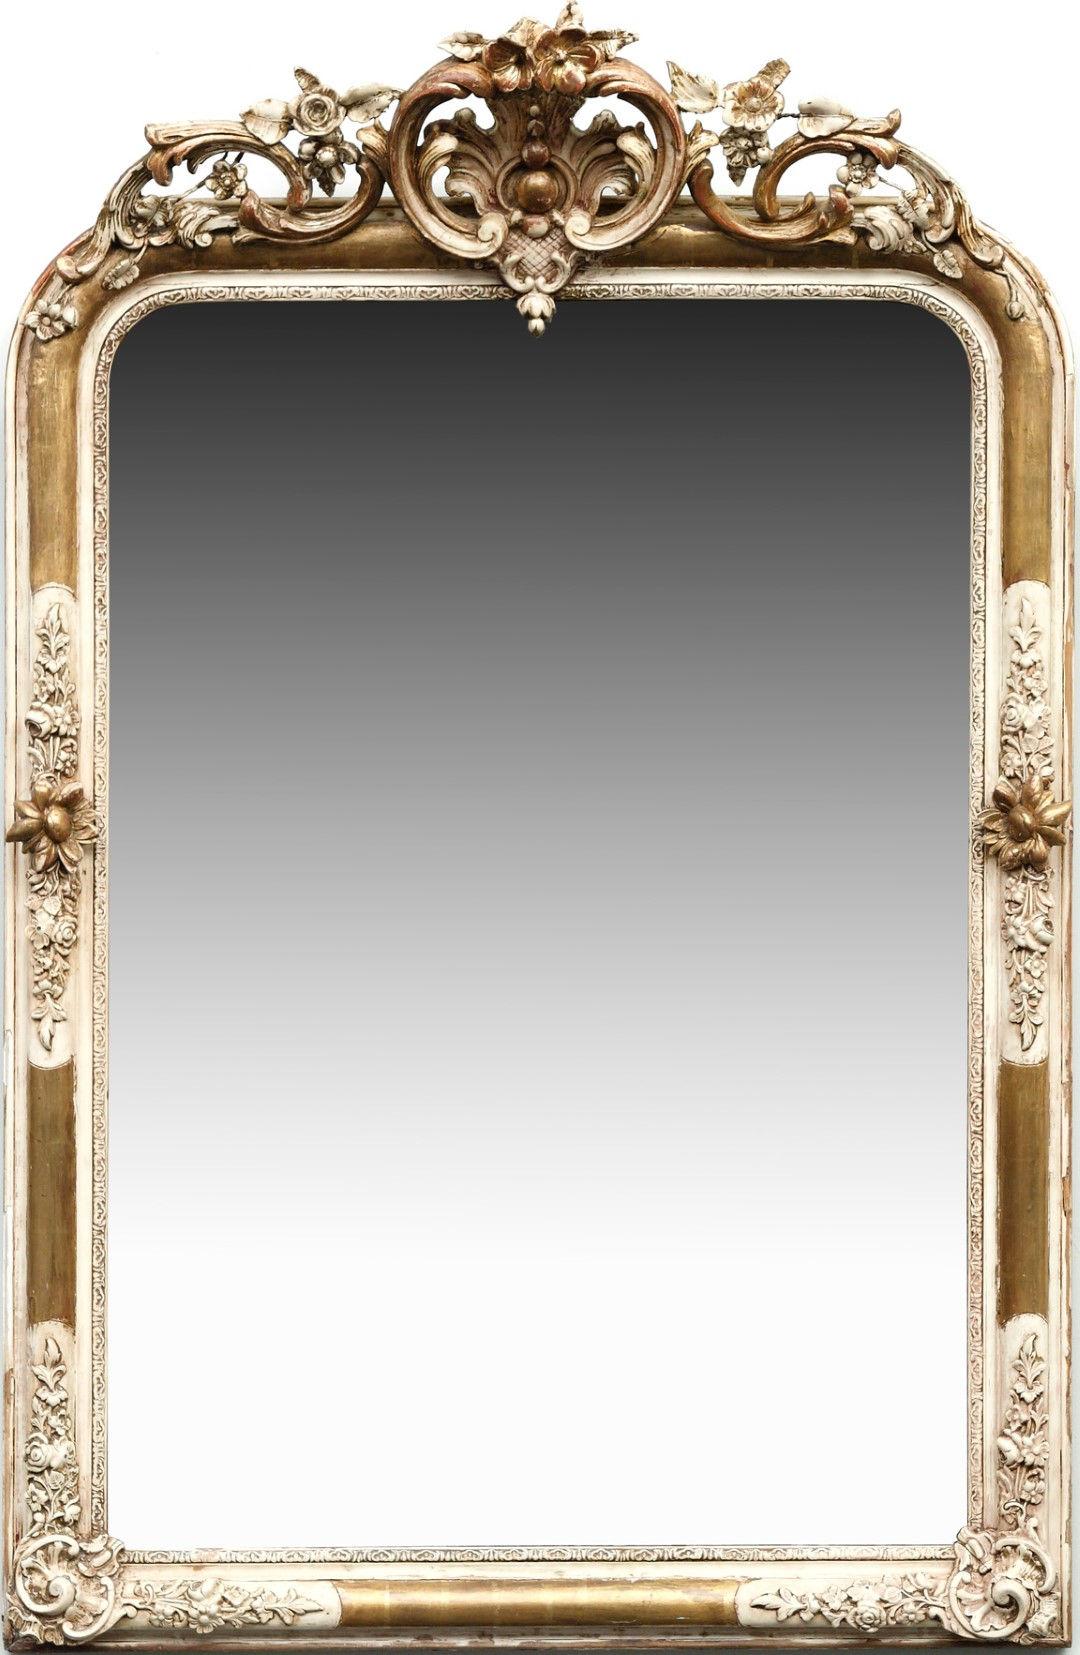 Espejos De Decoracion Antiguos ~ Art?culos de arte y decoraci?n antiguos ofertas de art?culos